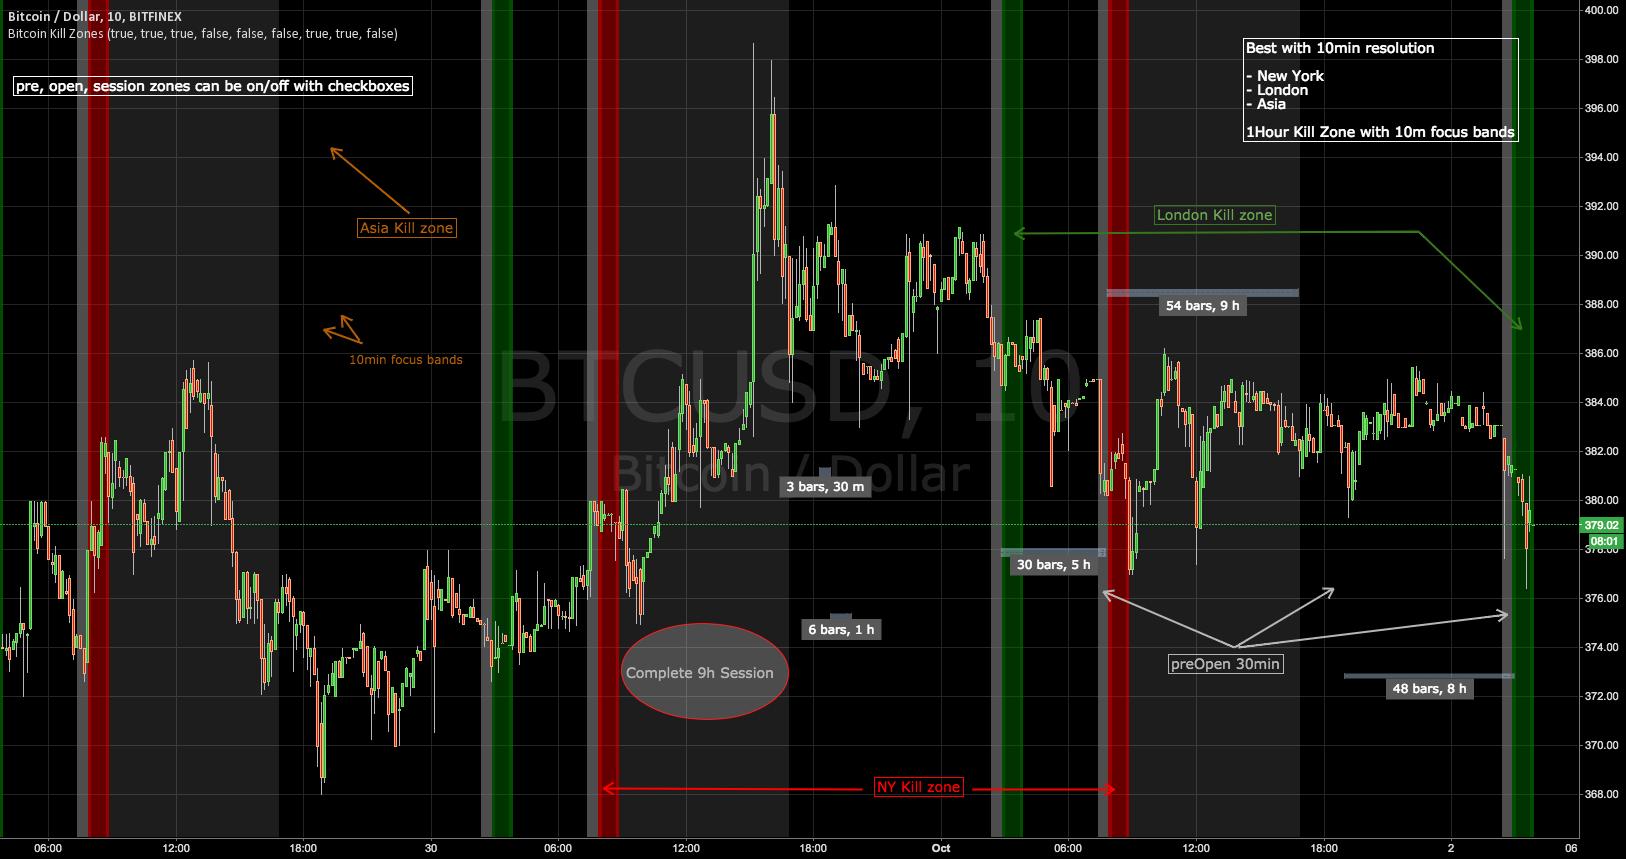 Bitcoin Kill Zones